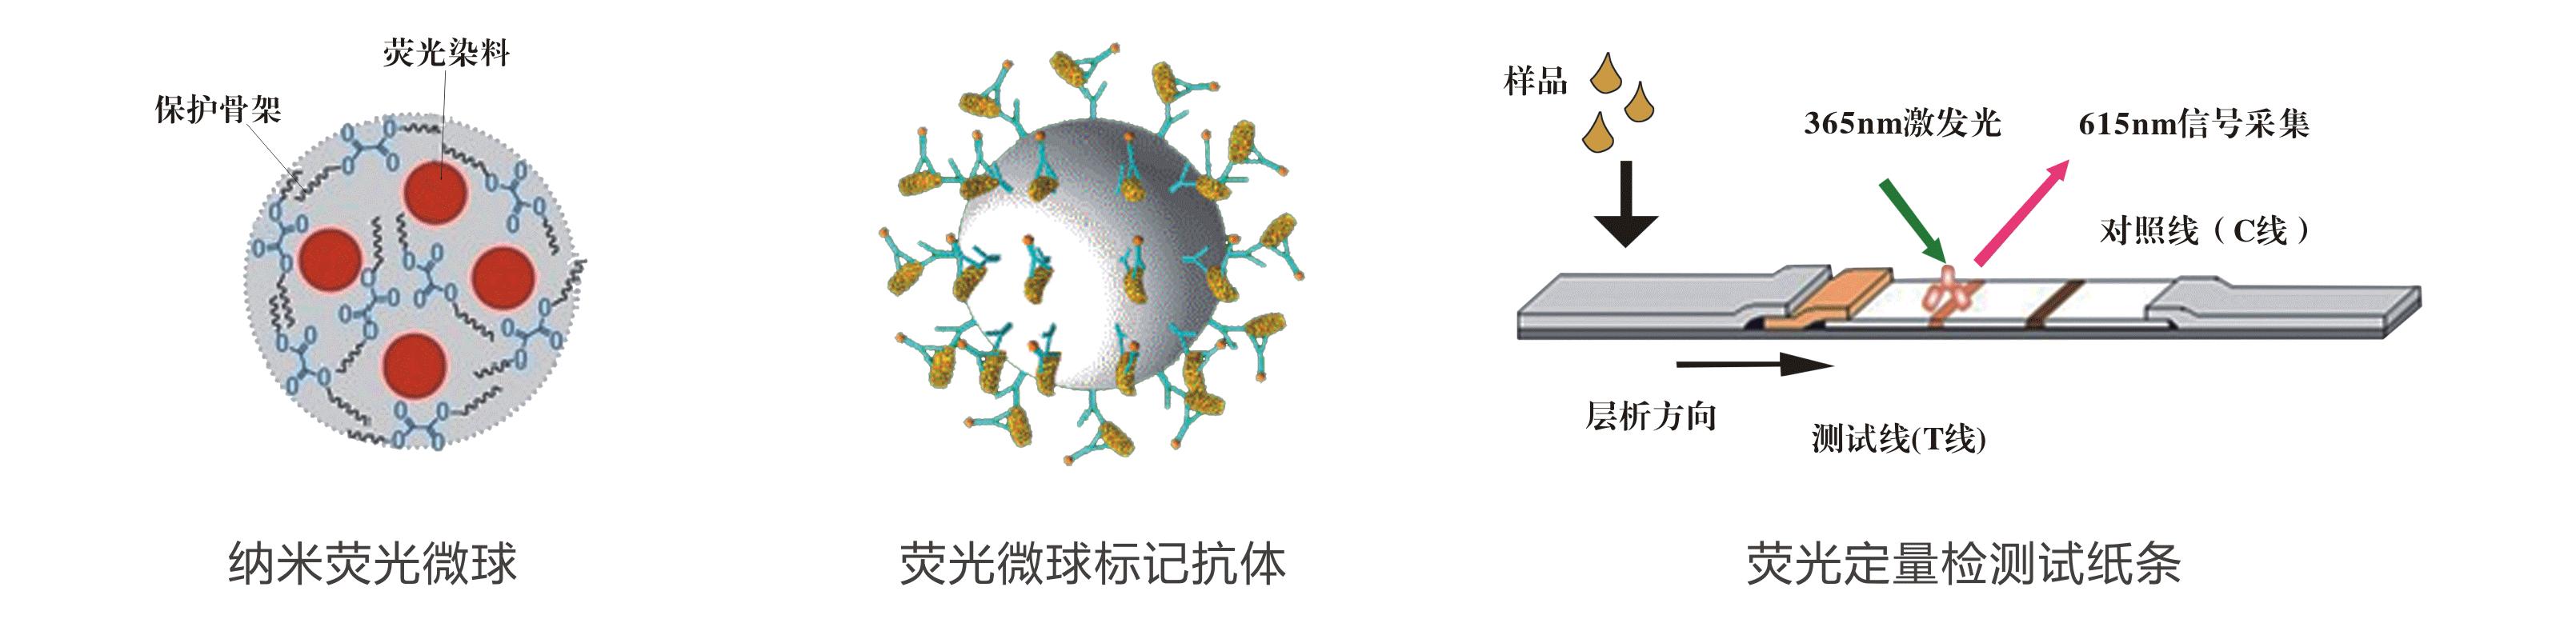 玉米赤霉烯酮荧光定量快速检测试纸条原理